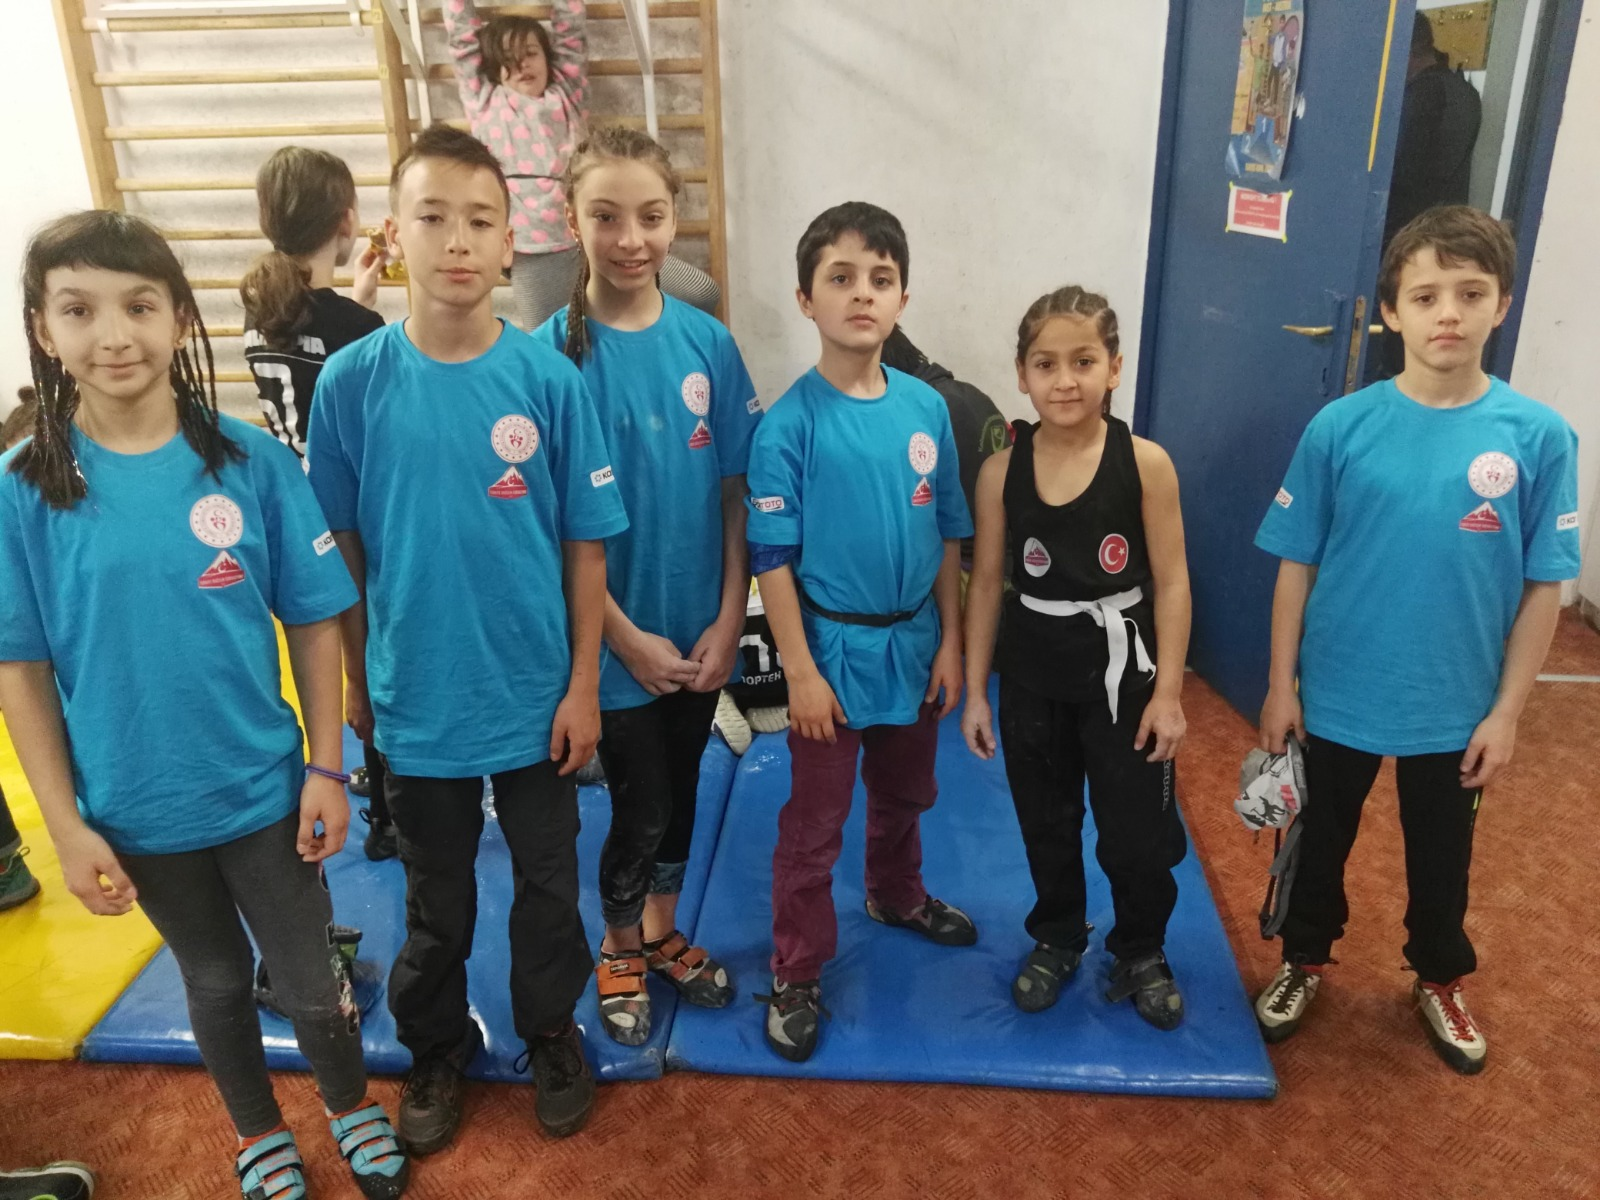 Spor Tırmanış Okul Sporları 2019-2020 Yarışma Programı belli oldu.